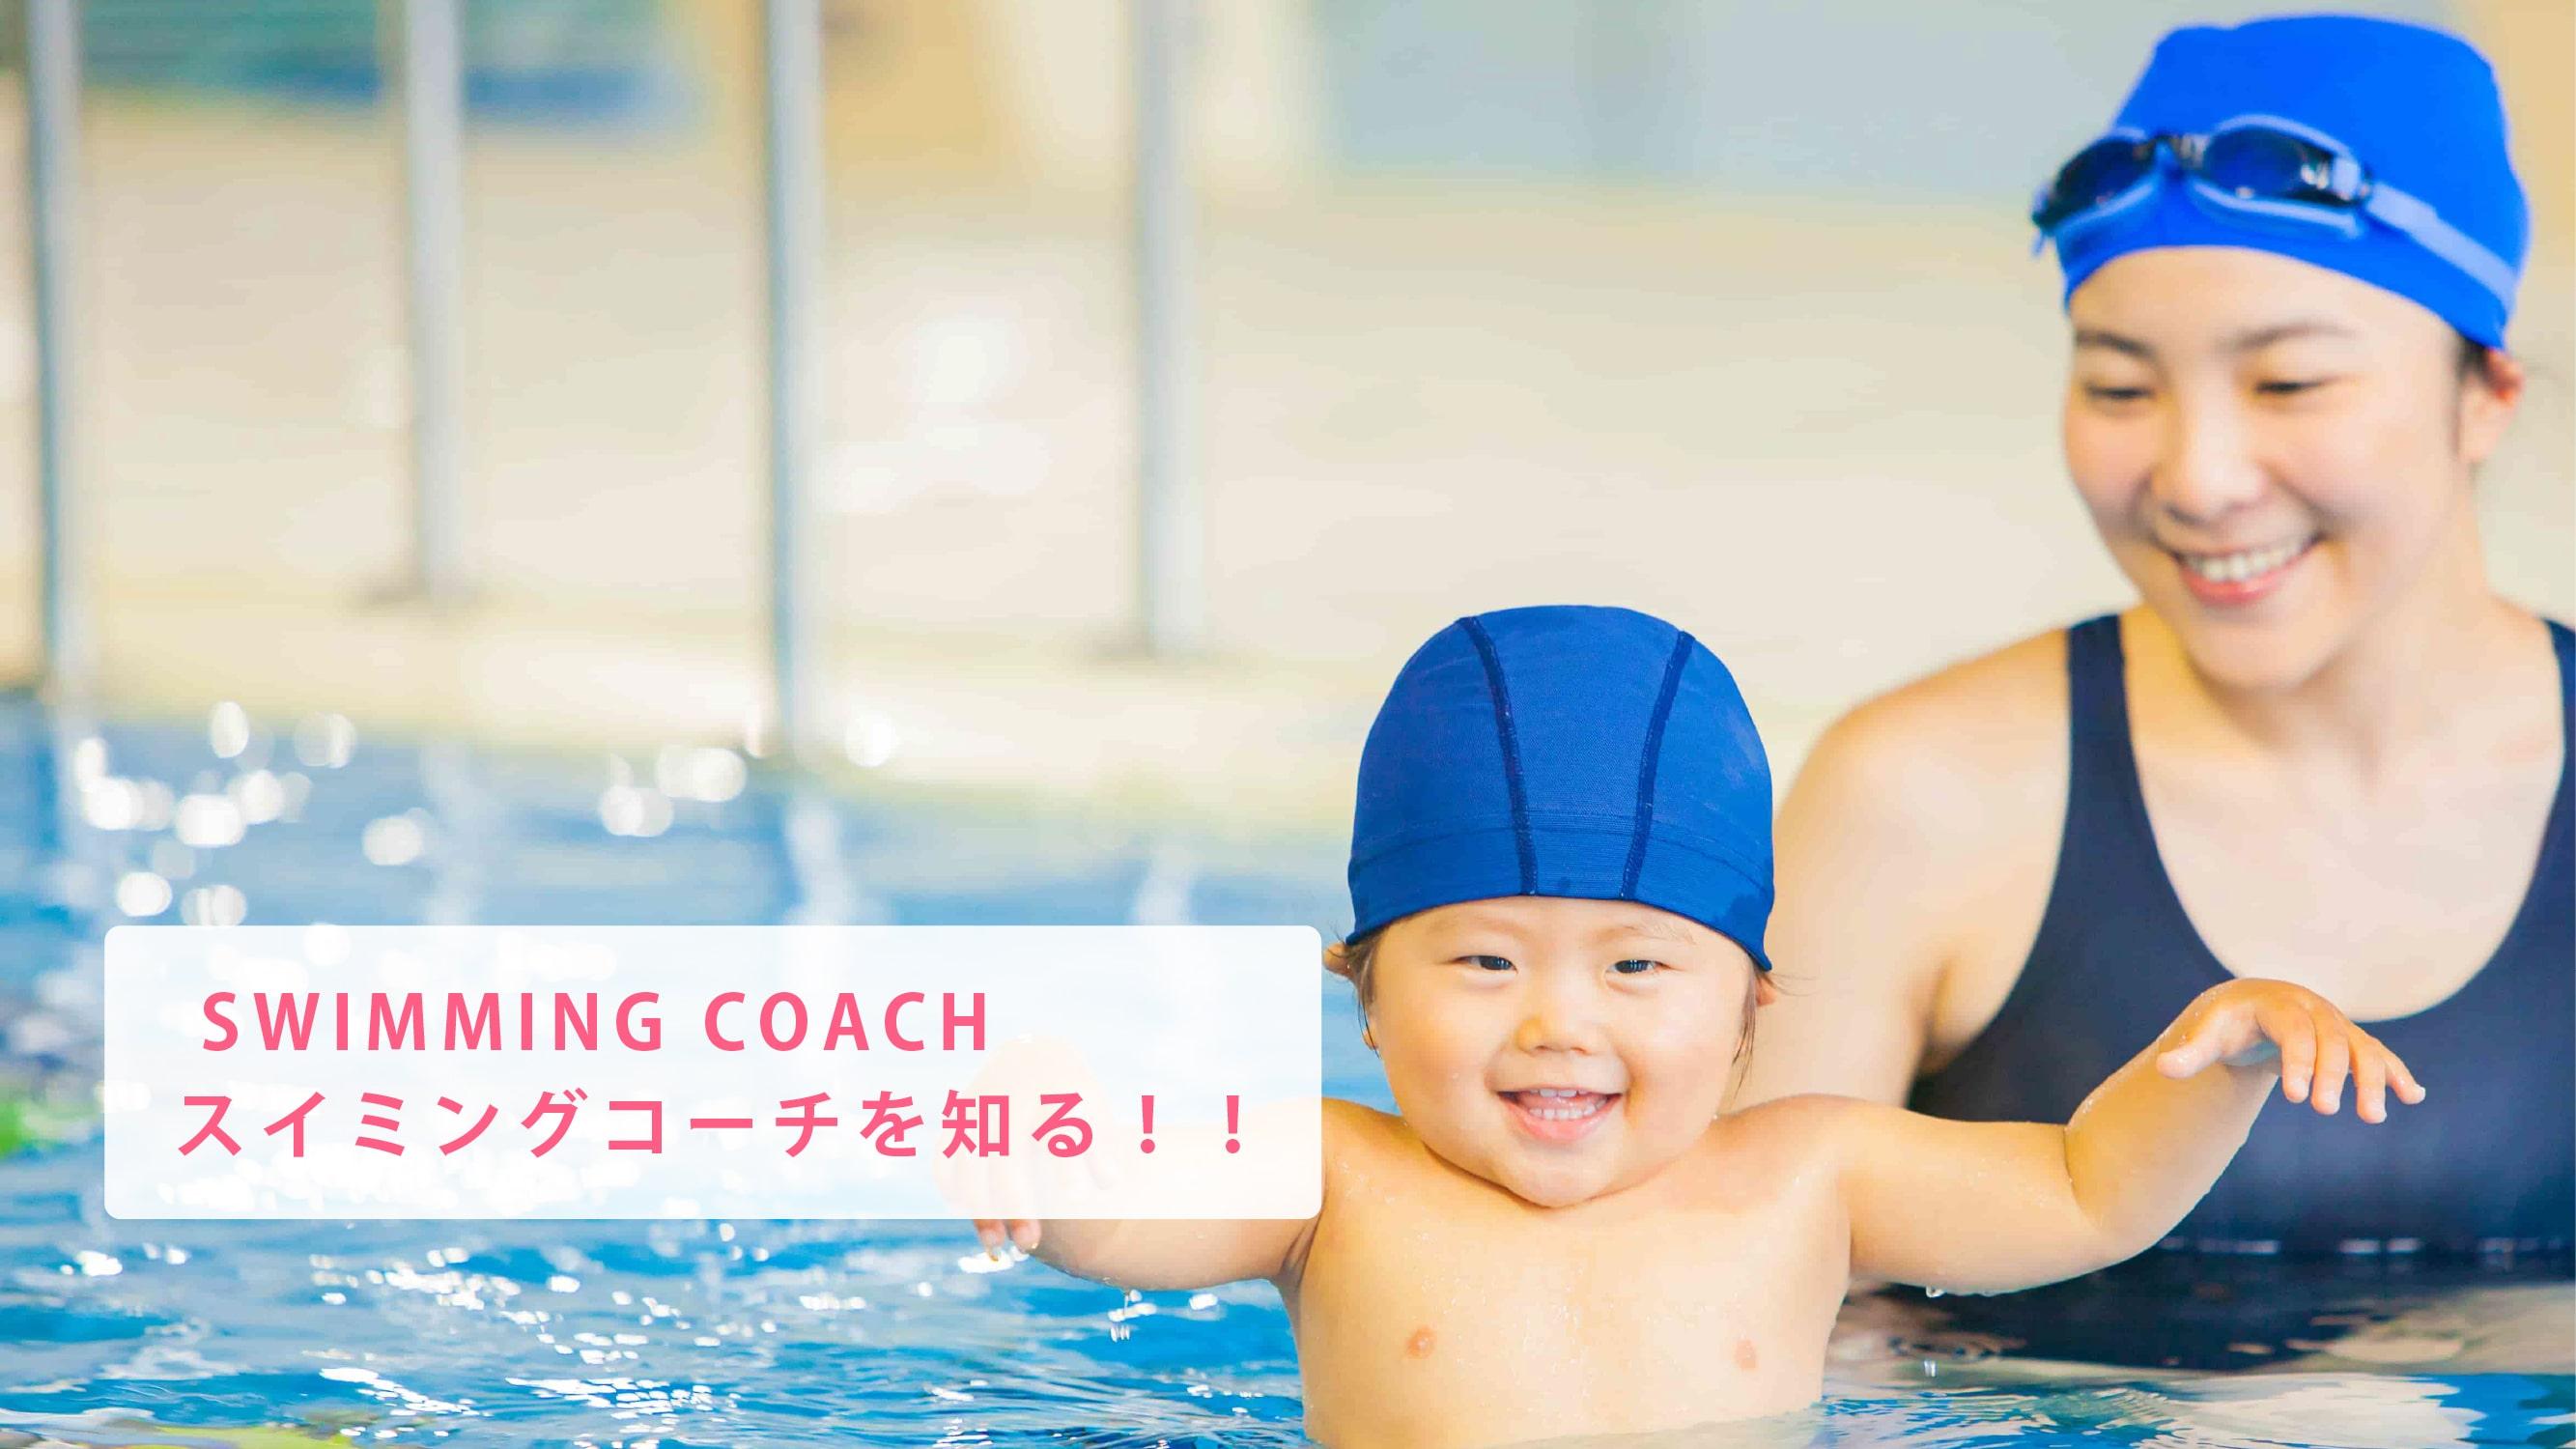 泳ぐ!スイムする!教える!スイミングコーチ|採用・求人情報|SSSグループ